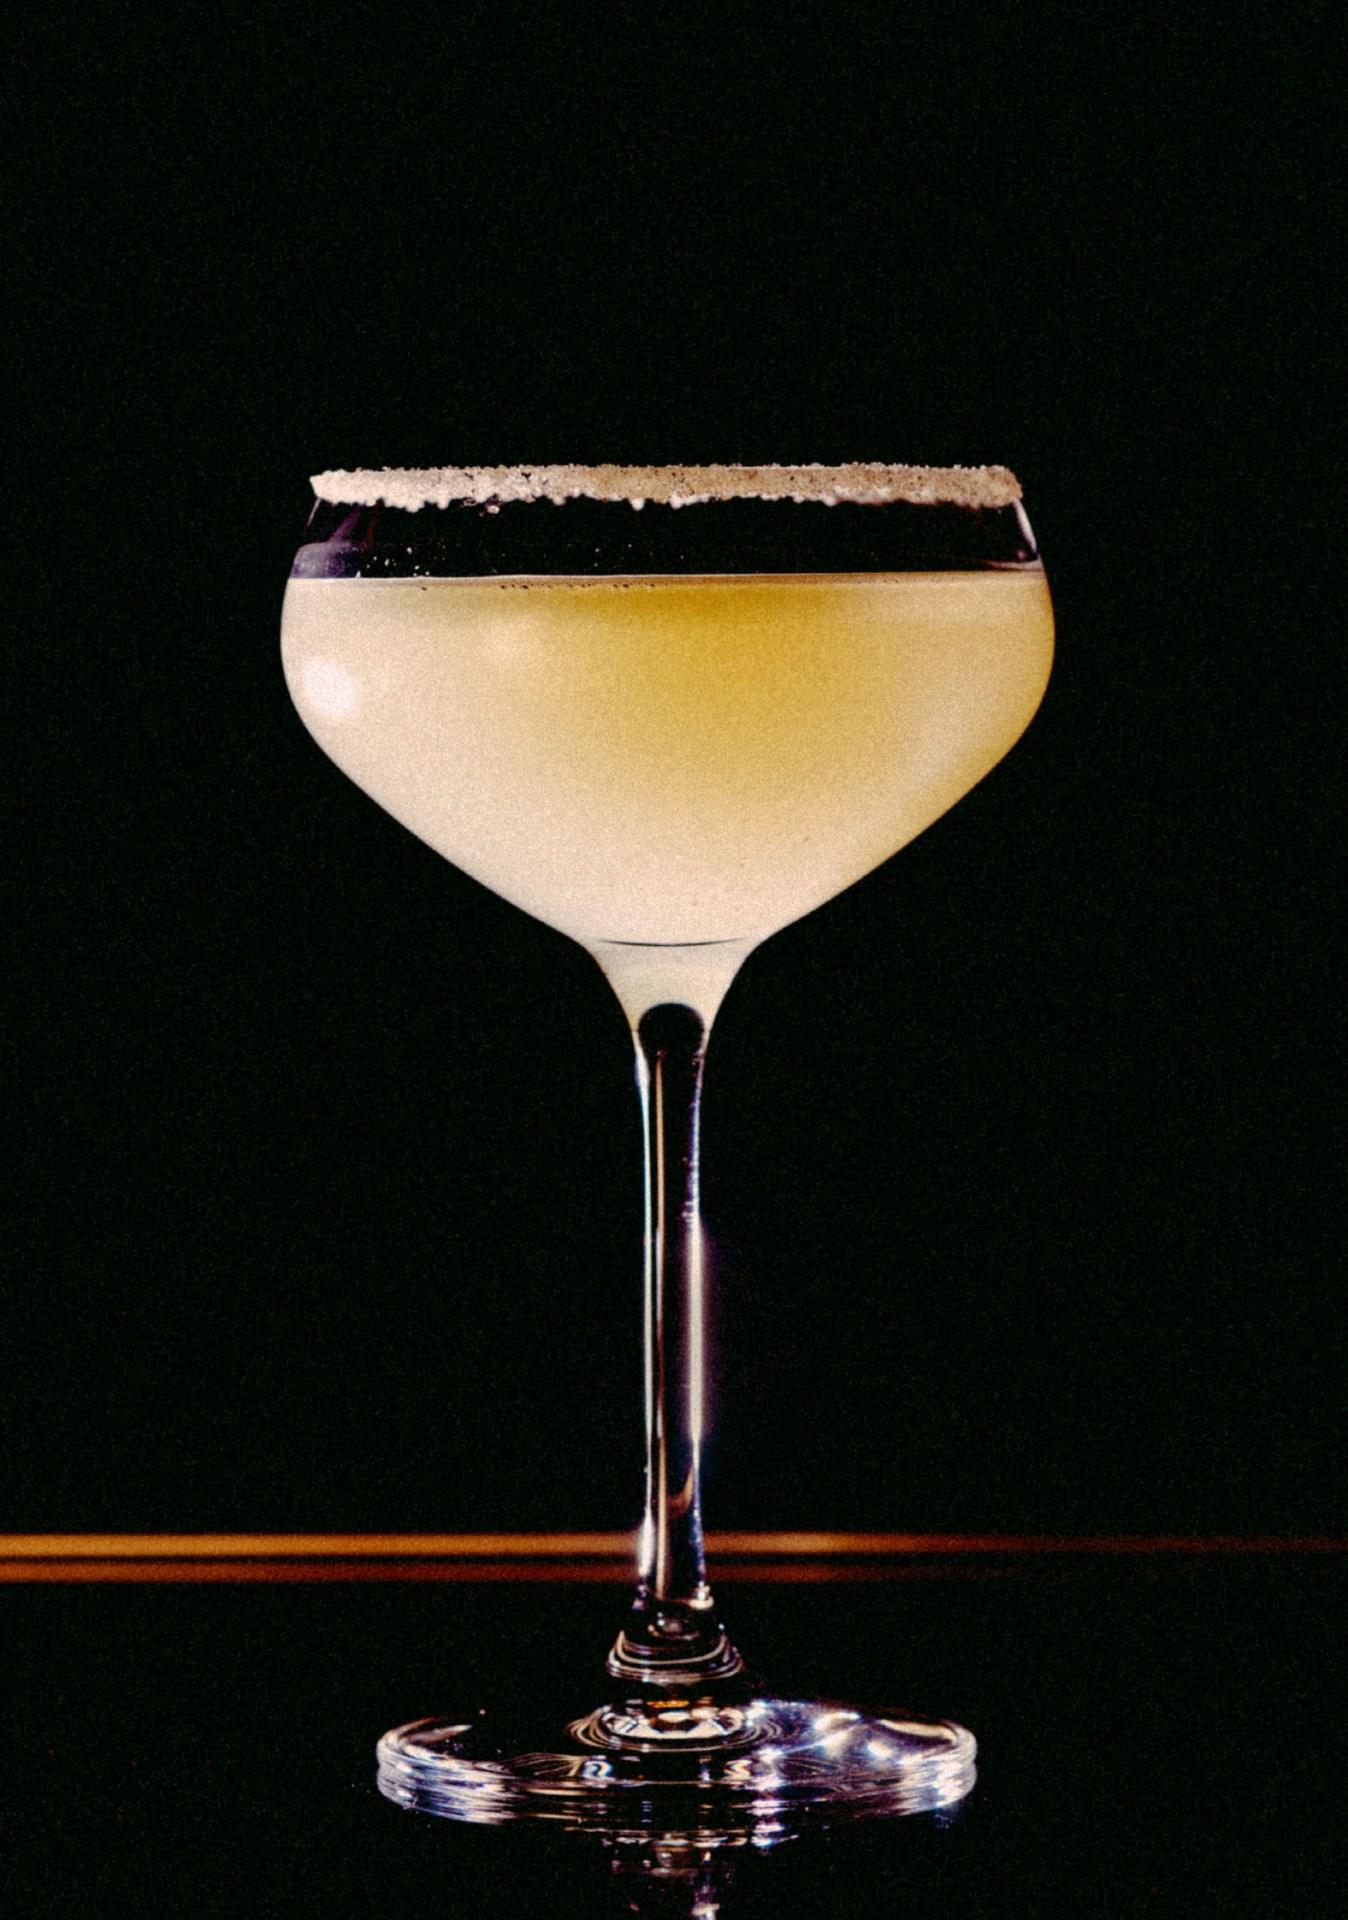 Recipe: 5cl Olmeca Altos Plata 2.5cl Cointreau 2cl Lime Juice Salt Rim